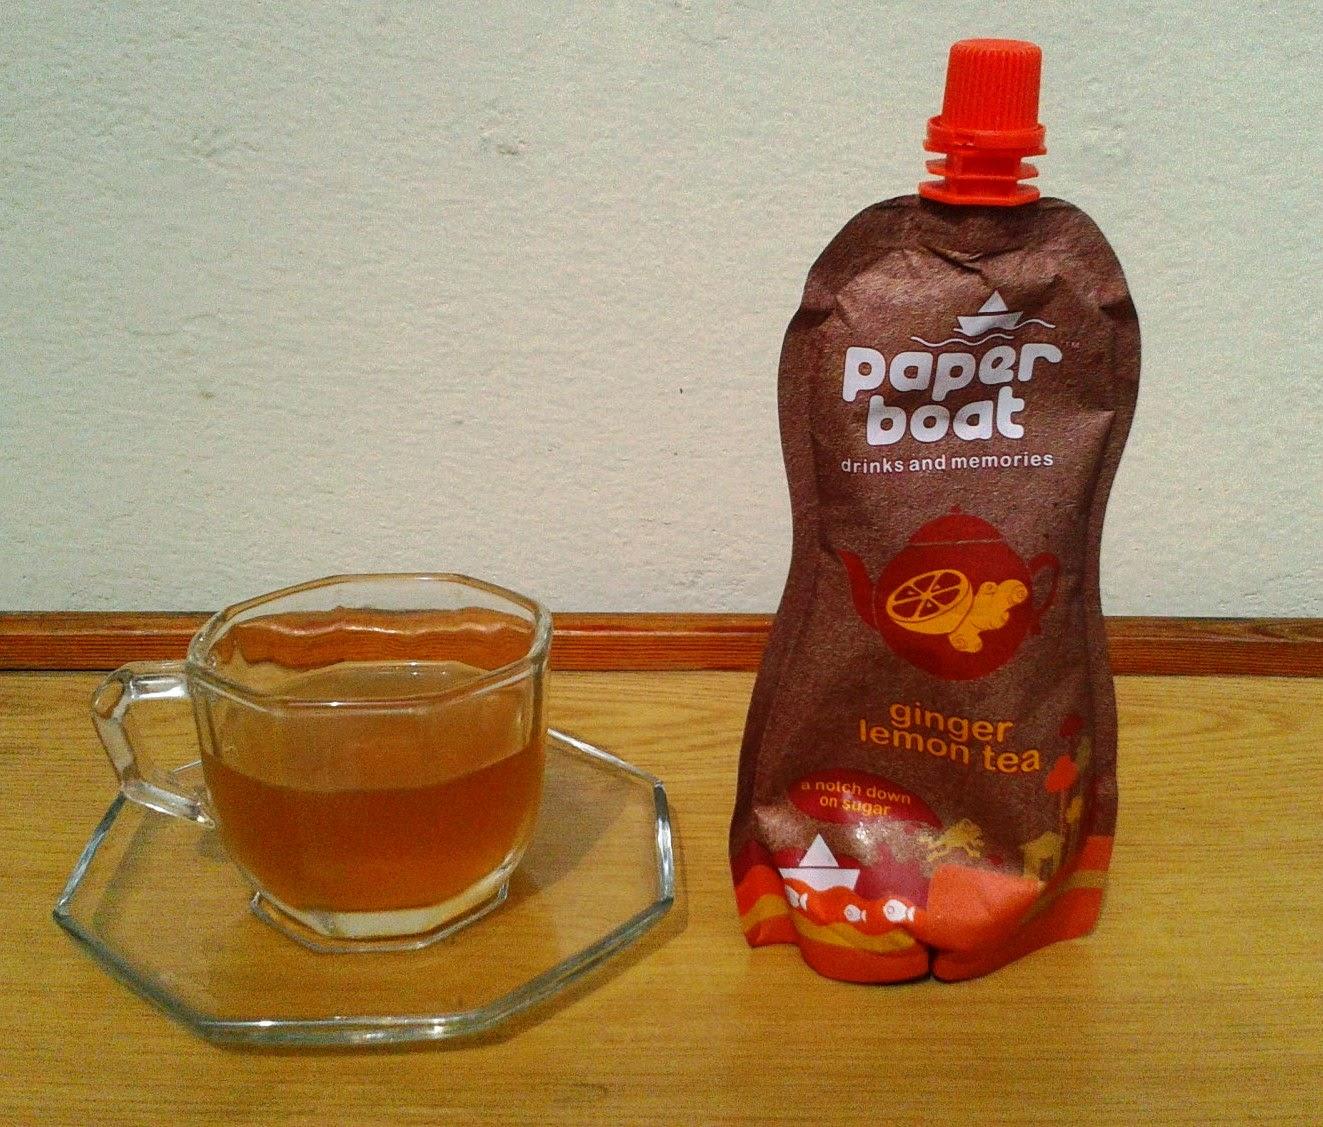 Paper Boat Ginger Lemon Tea